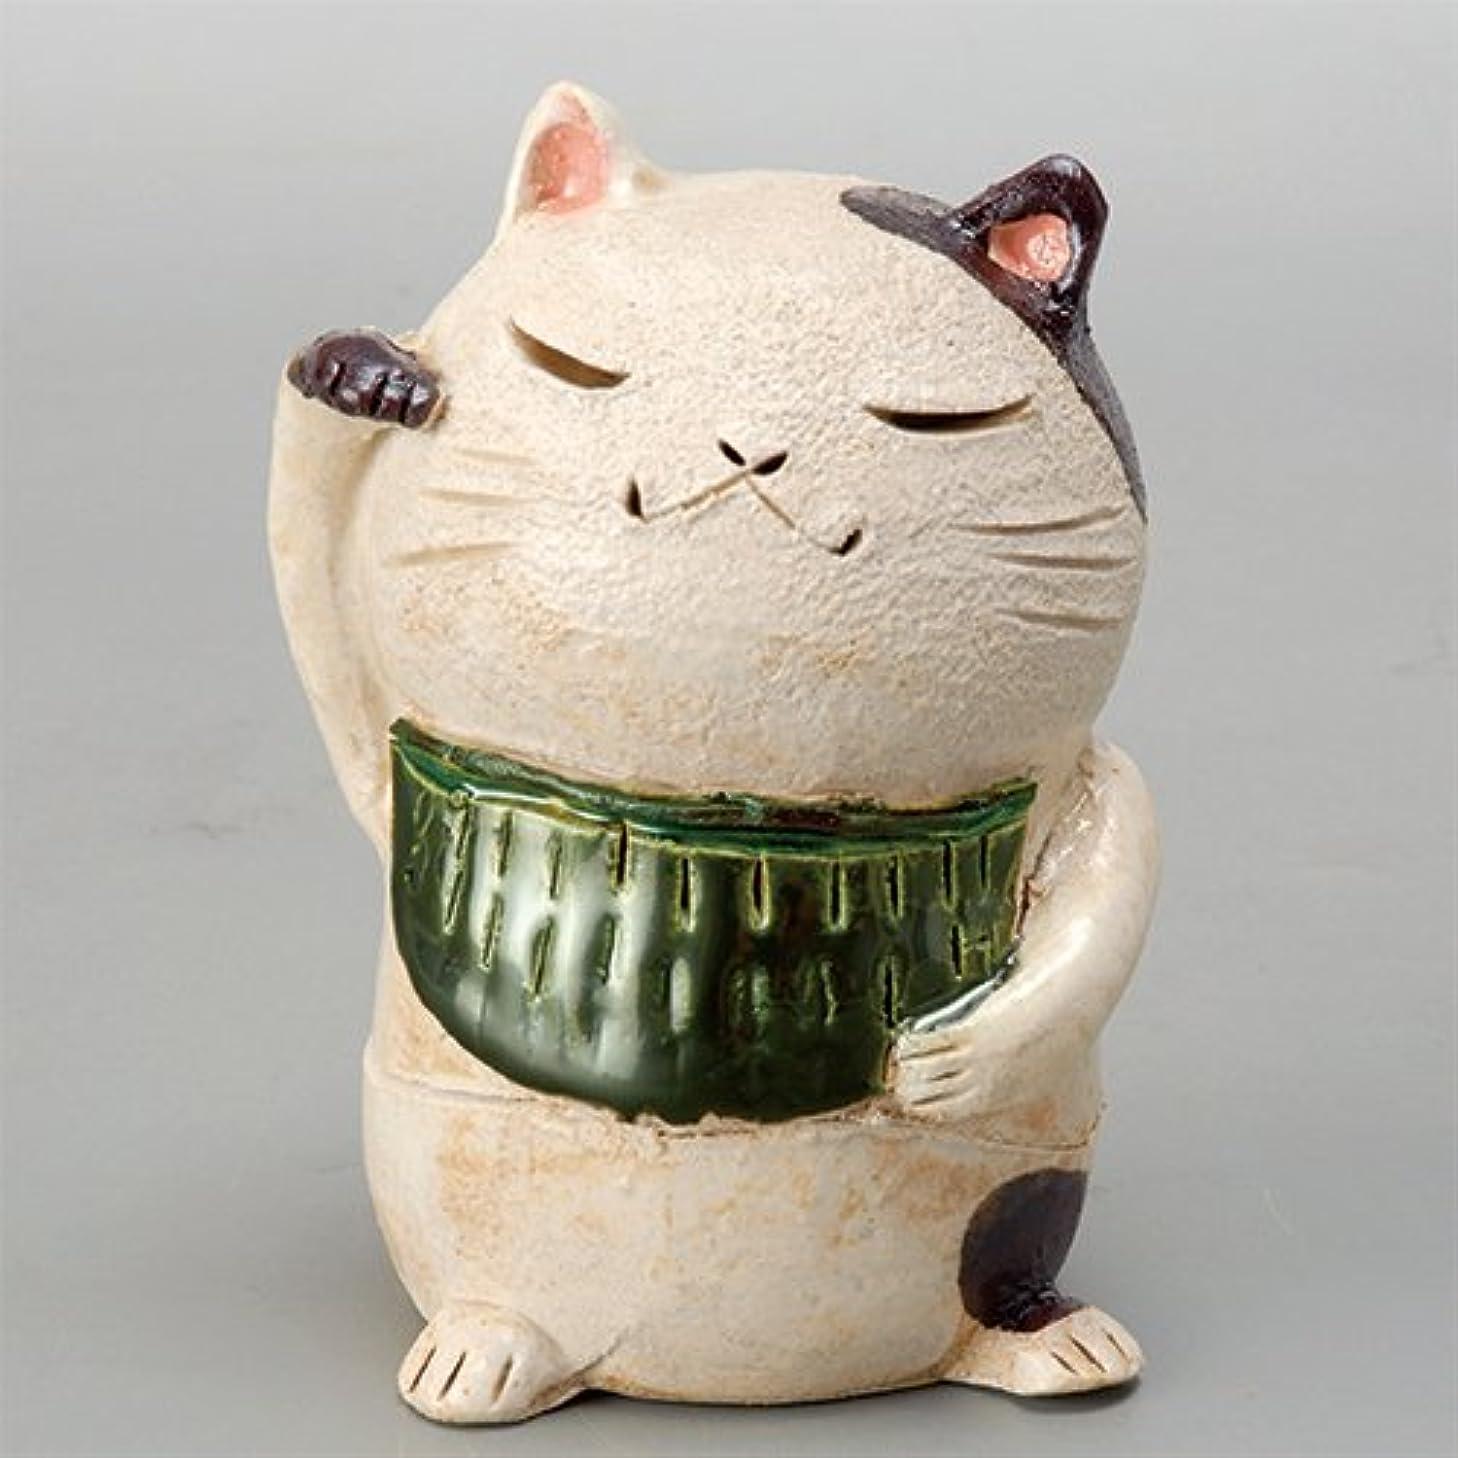 強要敬な送信する香炉 白萩 招き猫(お金)香炉(大) [H11cm] HANDMADE プレゼント ギフト 和食器 かわいい インテリア